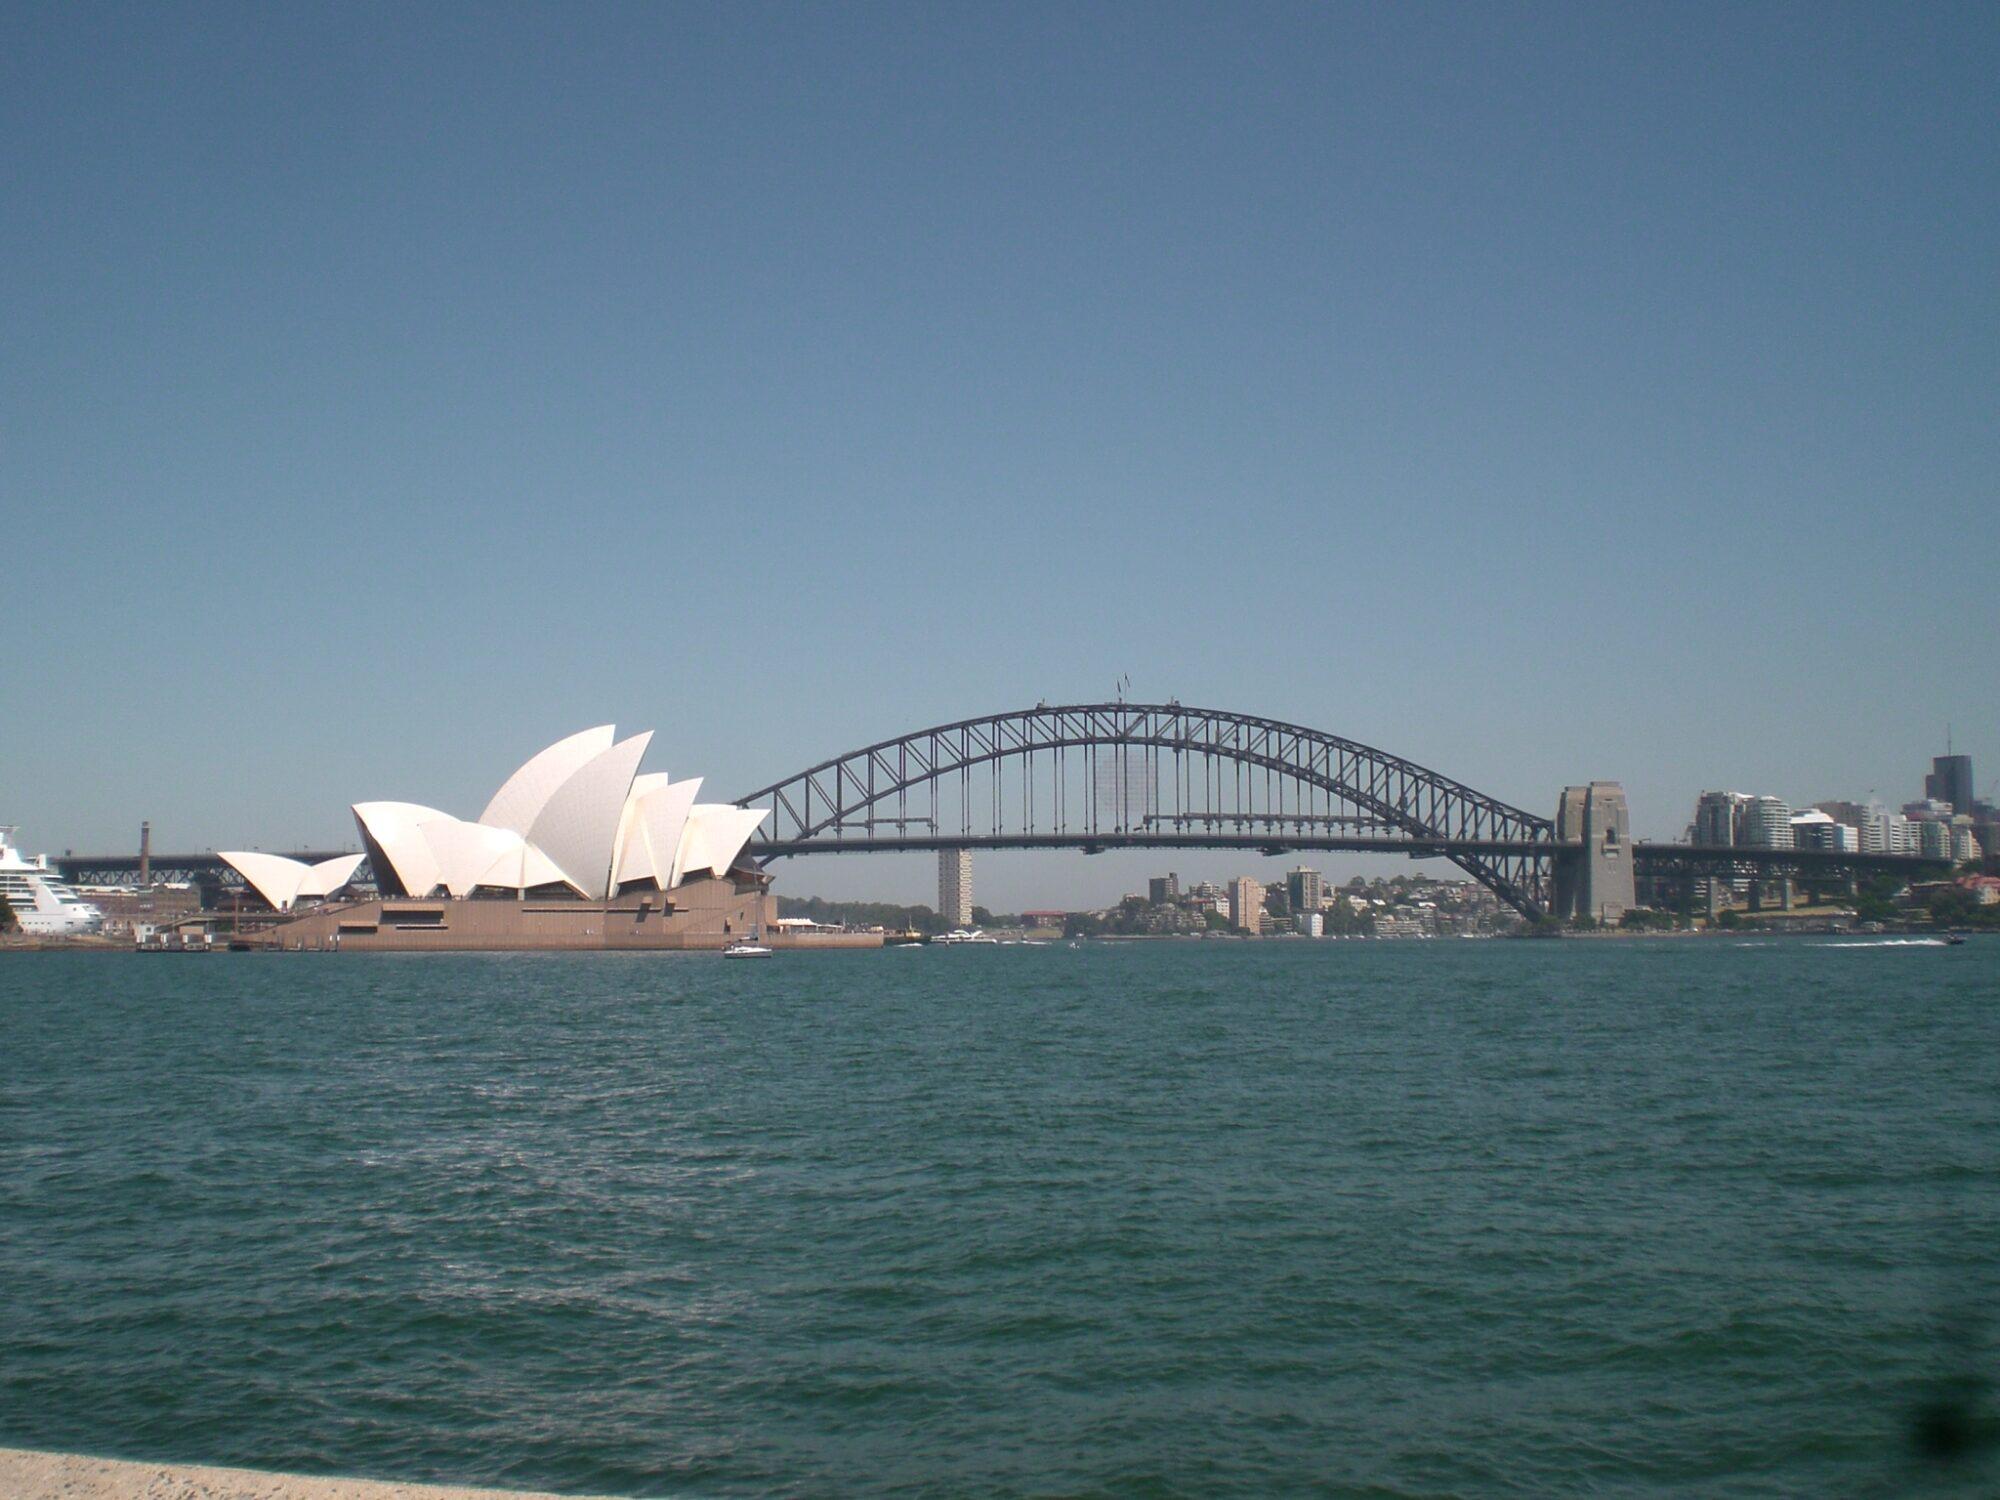 變種病毒使得紐西蘭-澳大利亞暫停旅遊泡泡